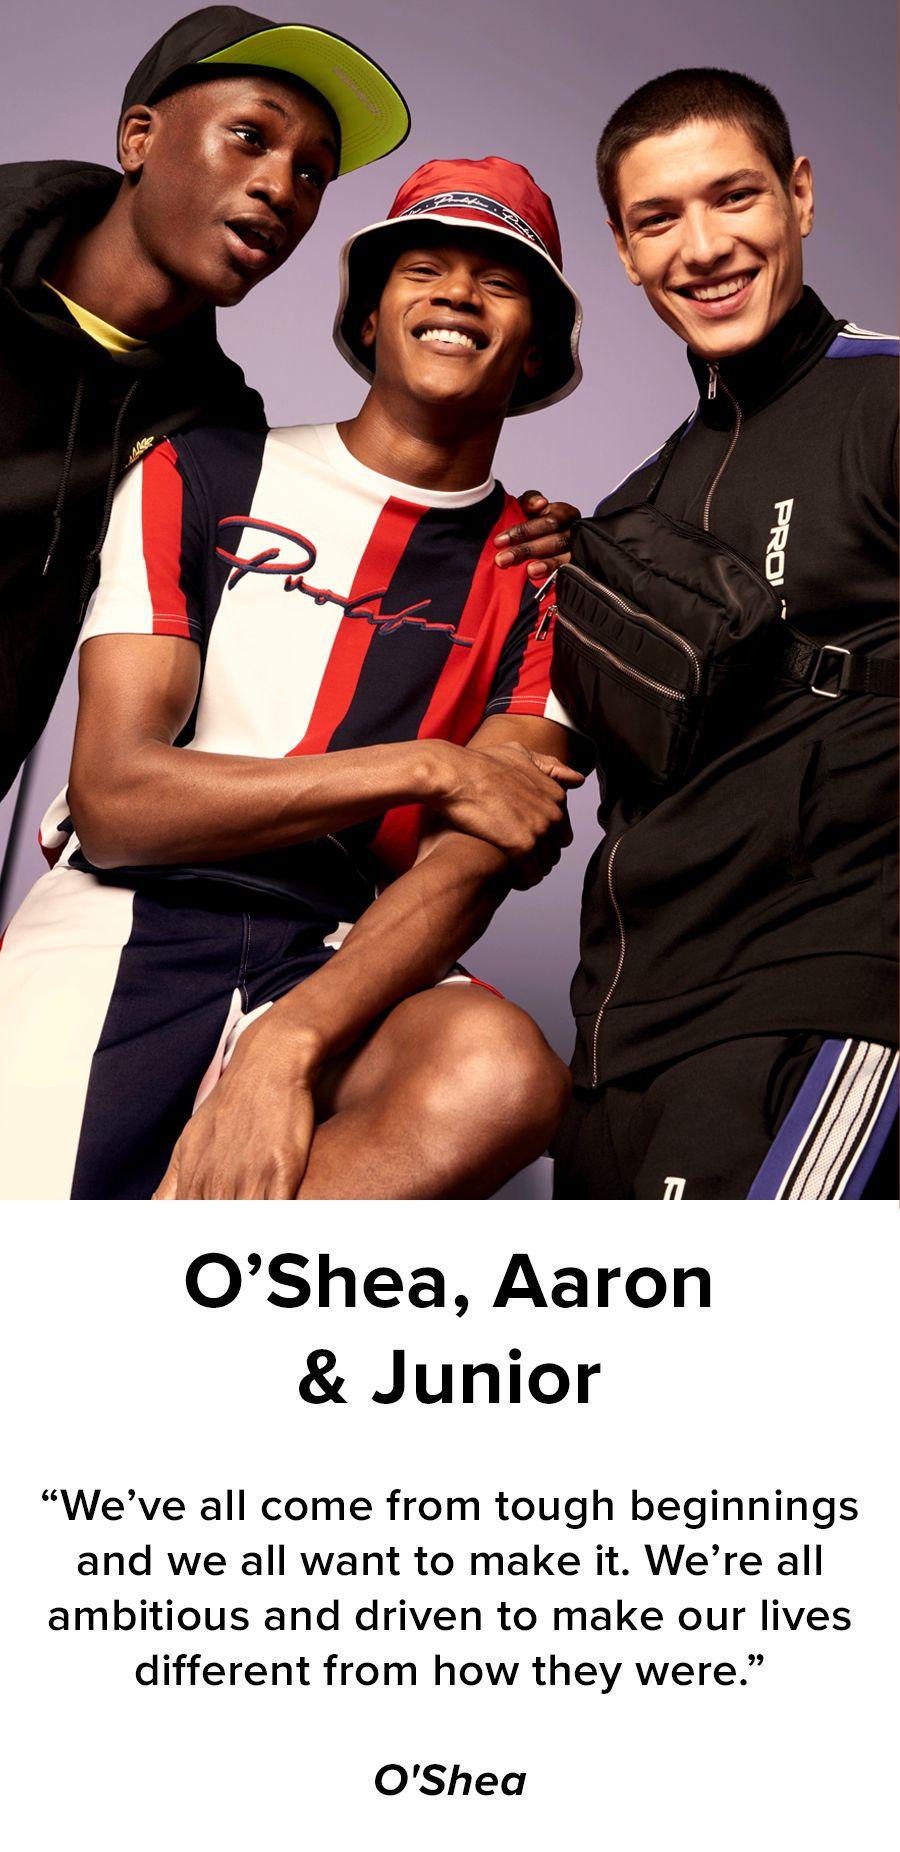 O'Shea, Aaron & Junior